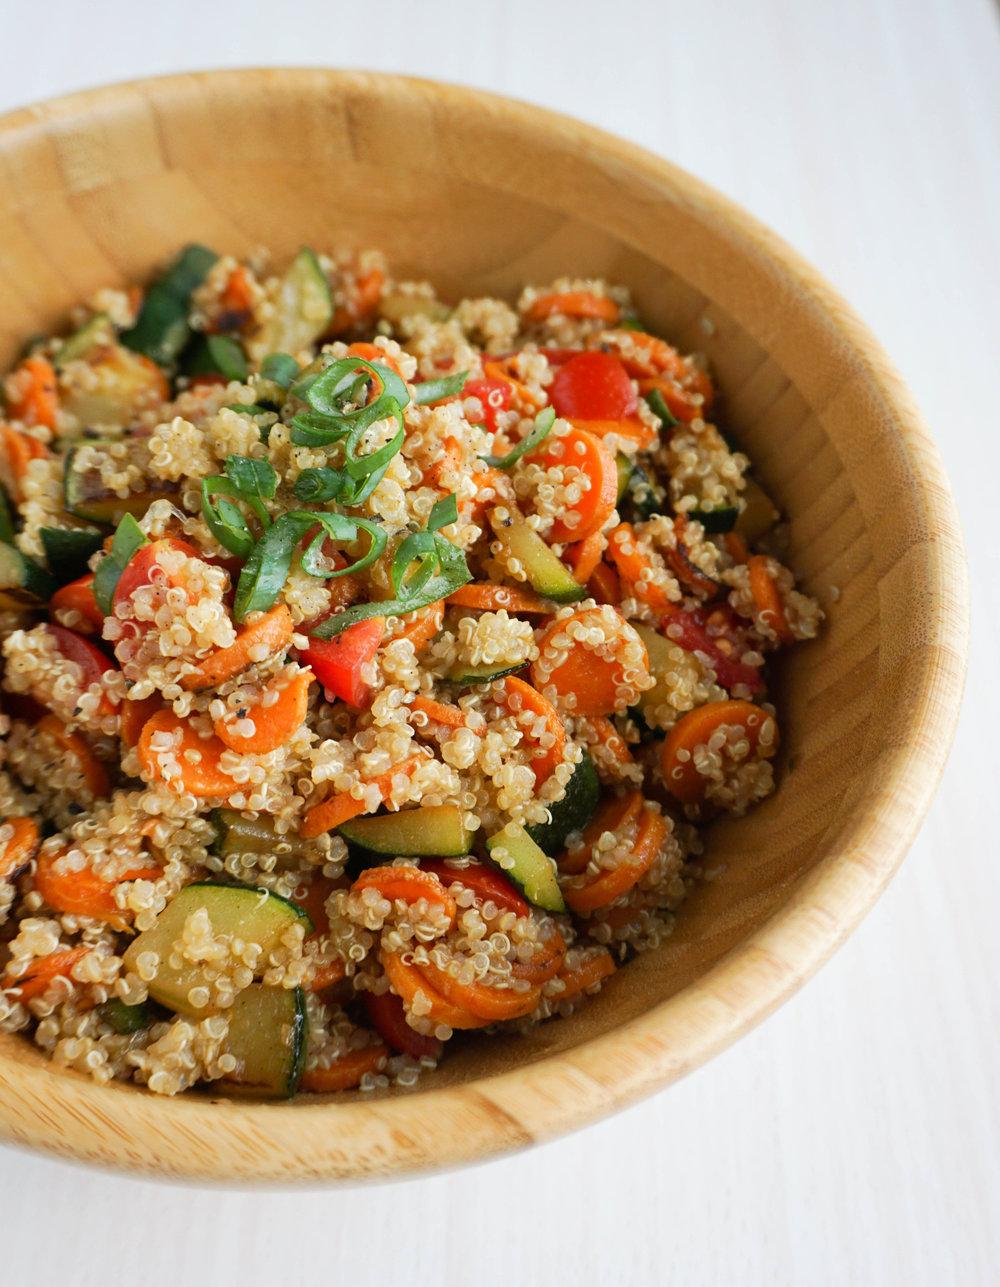 Du brauchst: - 1-2 Tassen Quinoa* (gekocht)4 Möhren1 Zucchini6 Kirschtomaten½ Teelöffel Kreuzkümmel/Cumin1 Schuss LimettensaftSalz & PfefferOptional: Sesamöl*